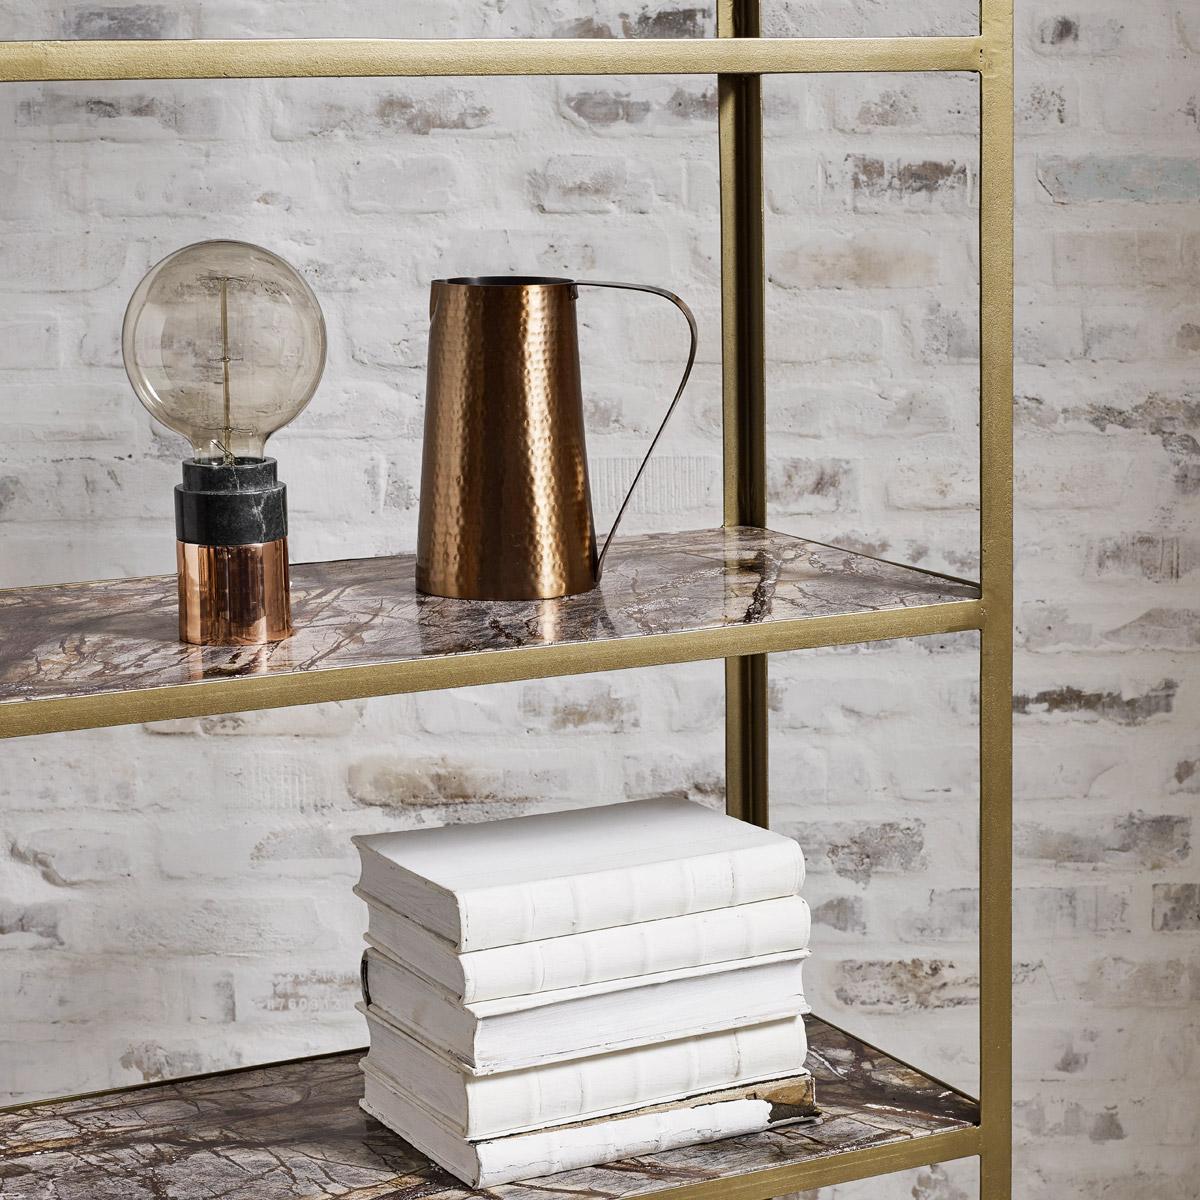 detailreicher minimalismus minimalismus nostalgi. Black Bedroom Furniture Sets. Home Design Ideas